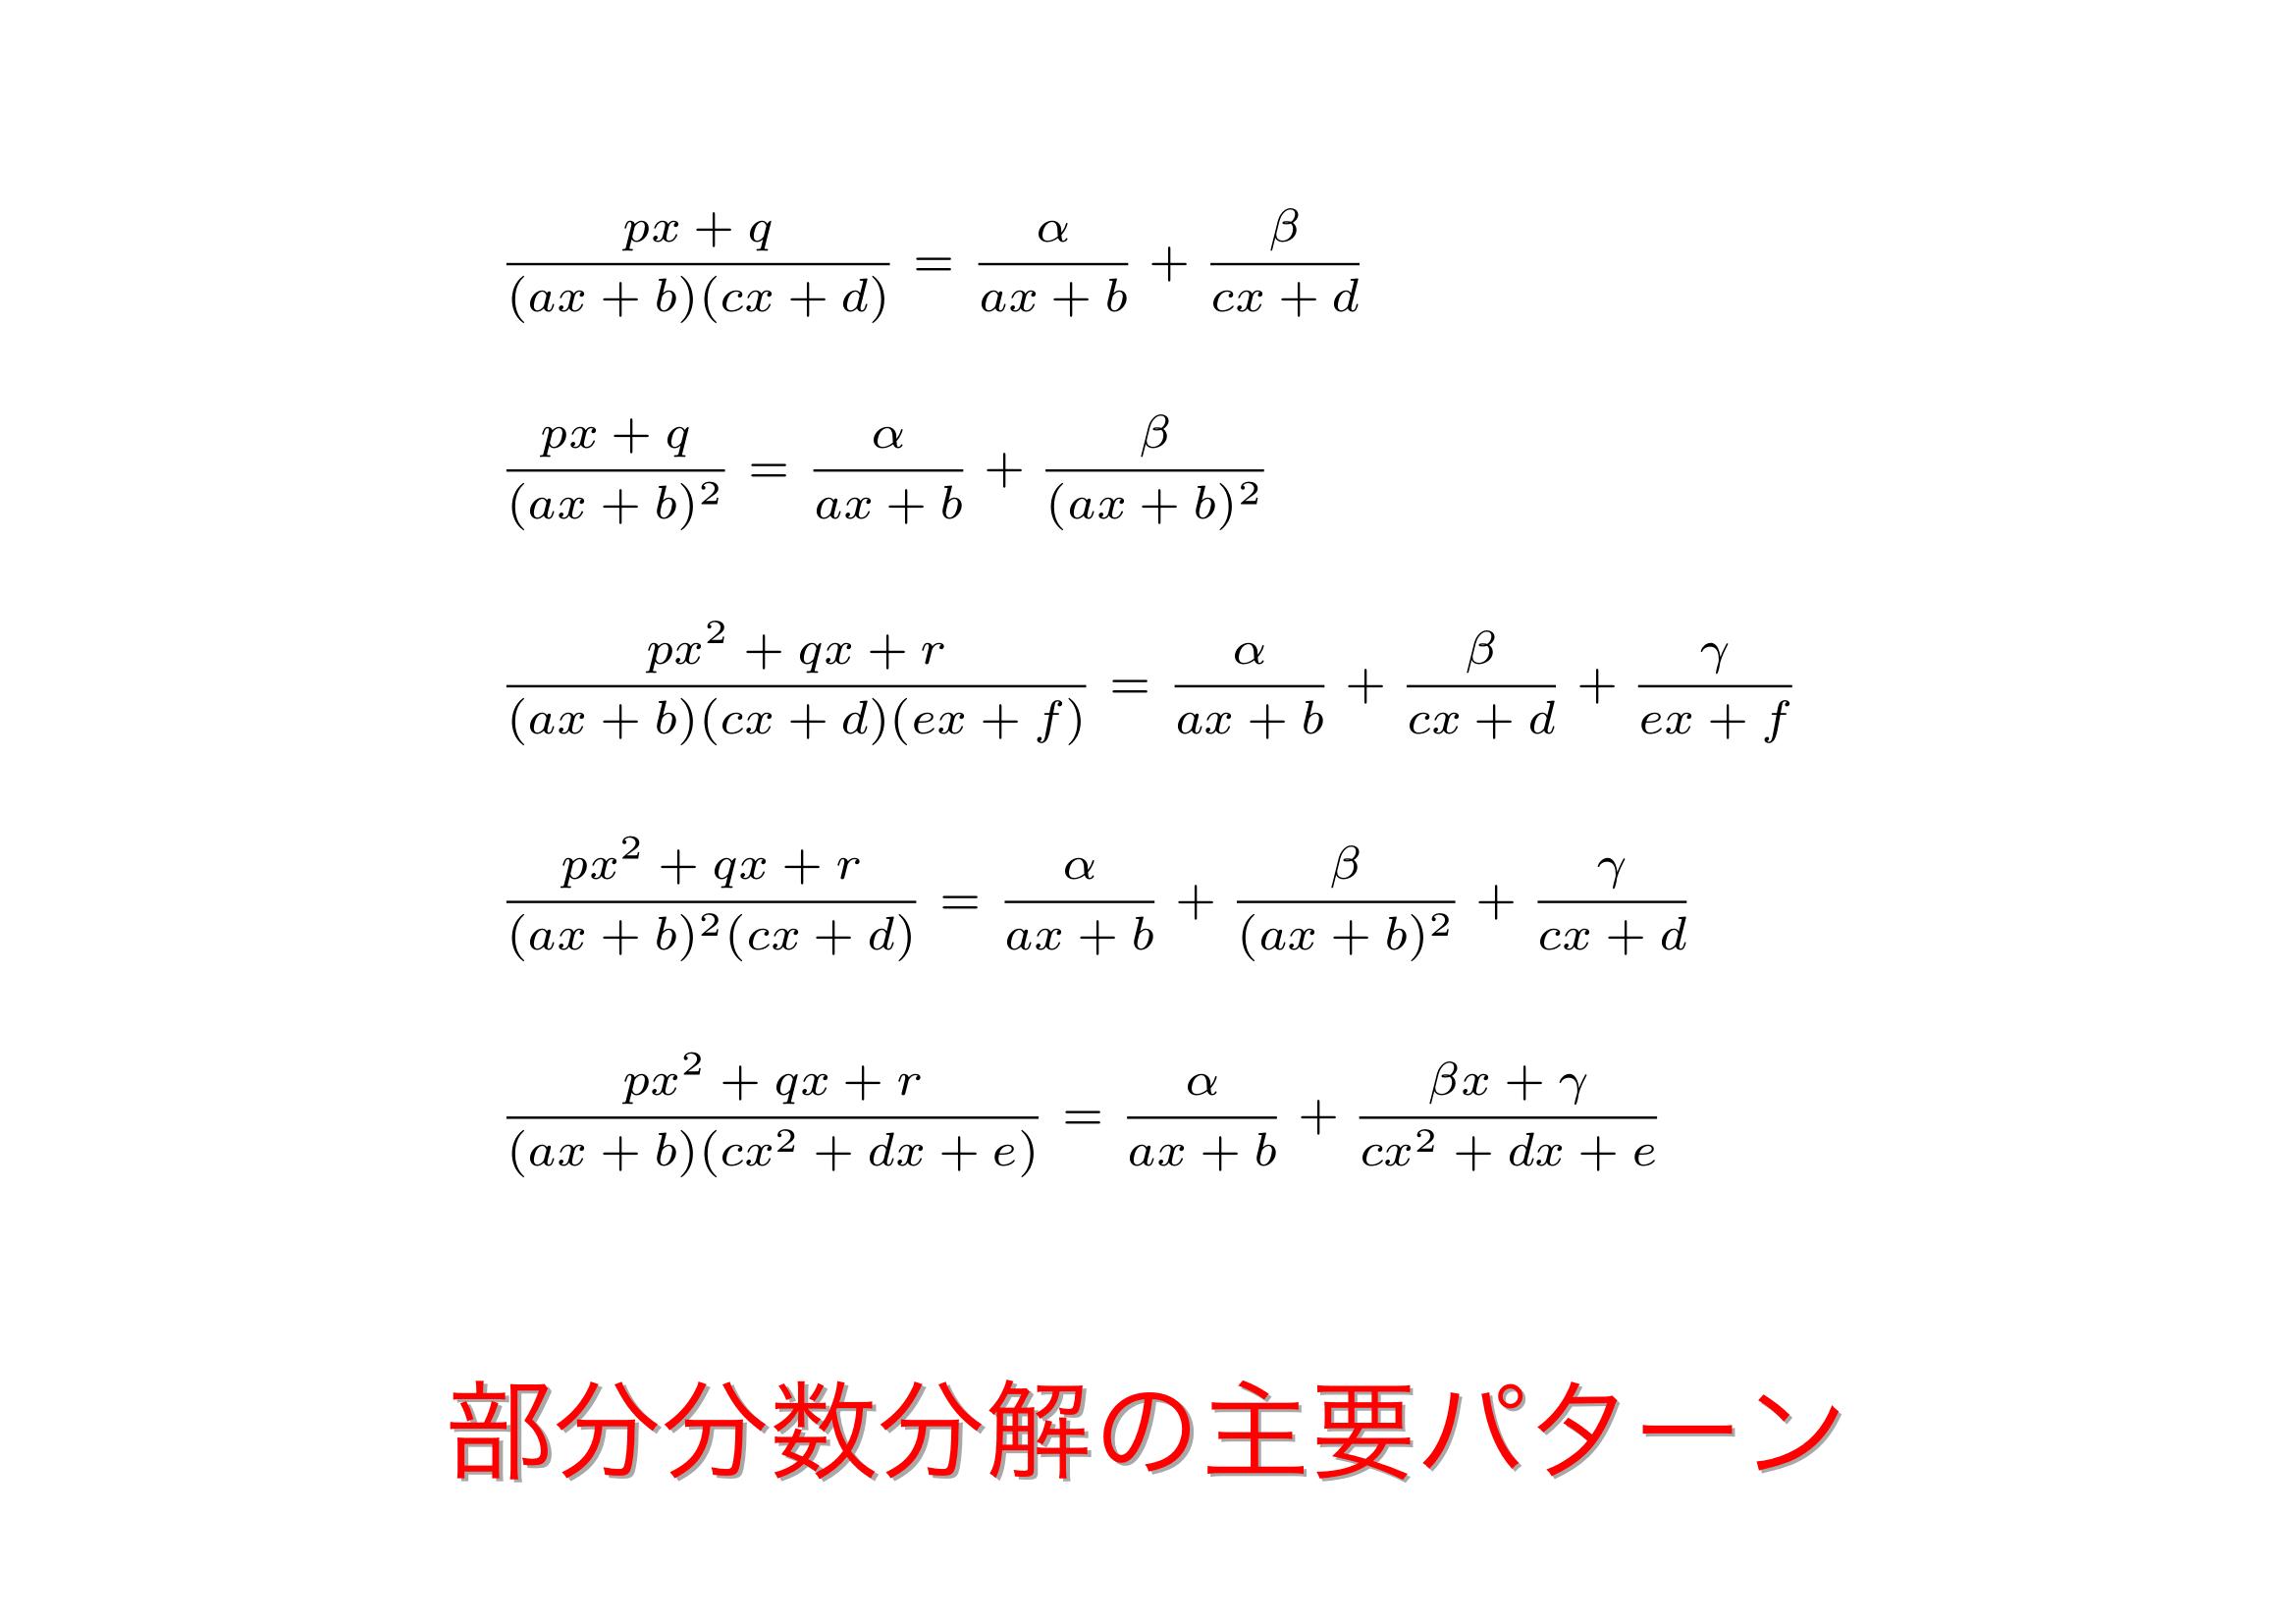 数式 計算 分 の オイラーの分数式,繁分数式